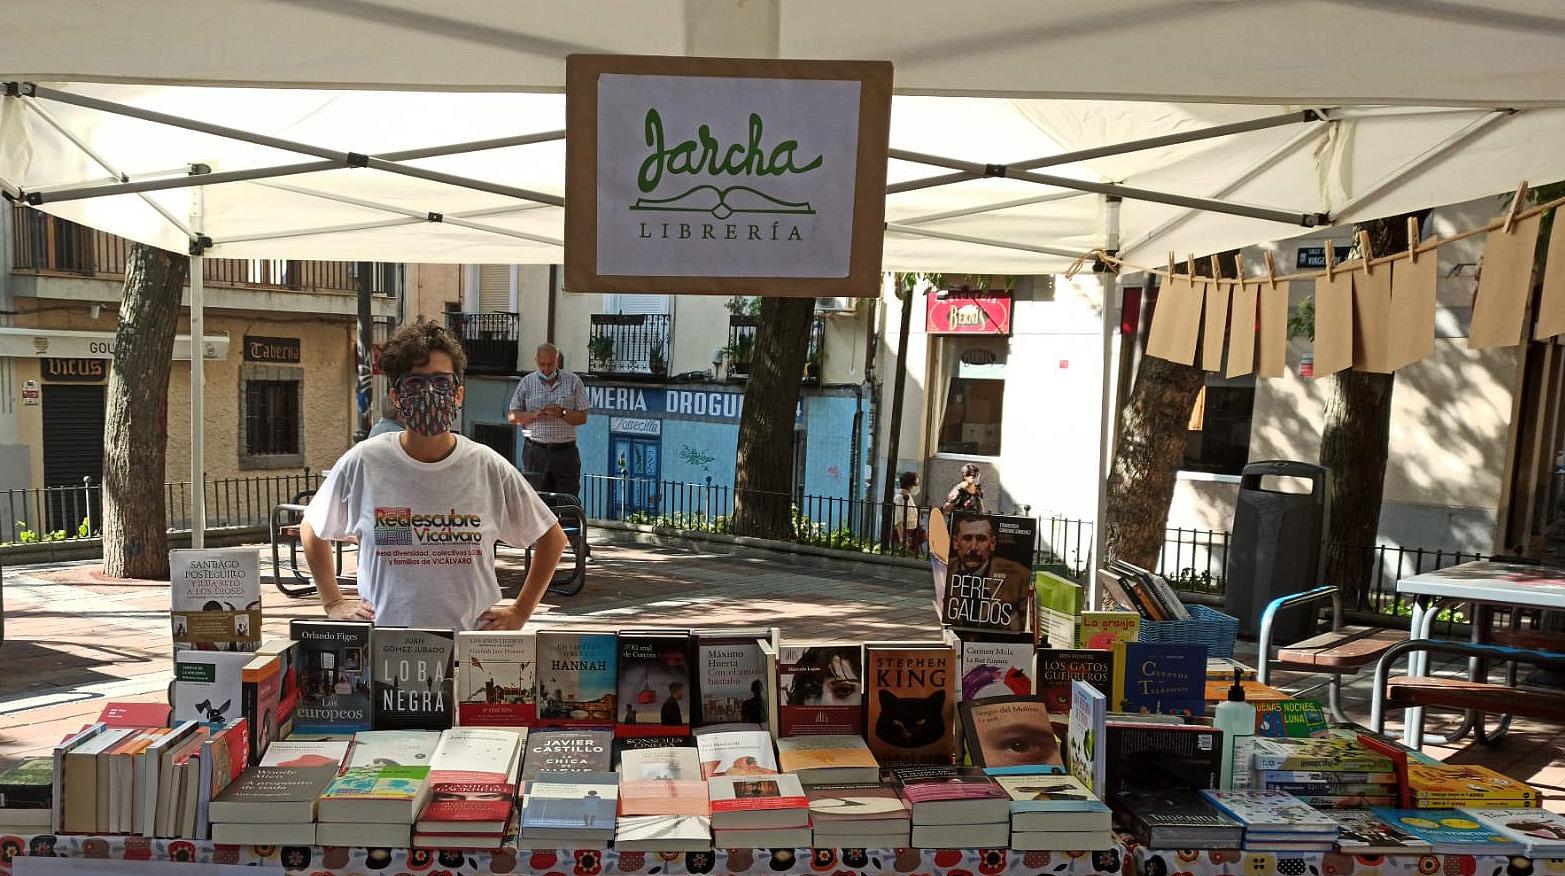 Puesto de la librería Jarcha en la plaza de Don Antonio de Andrés 23 julio 2020